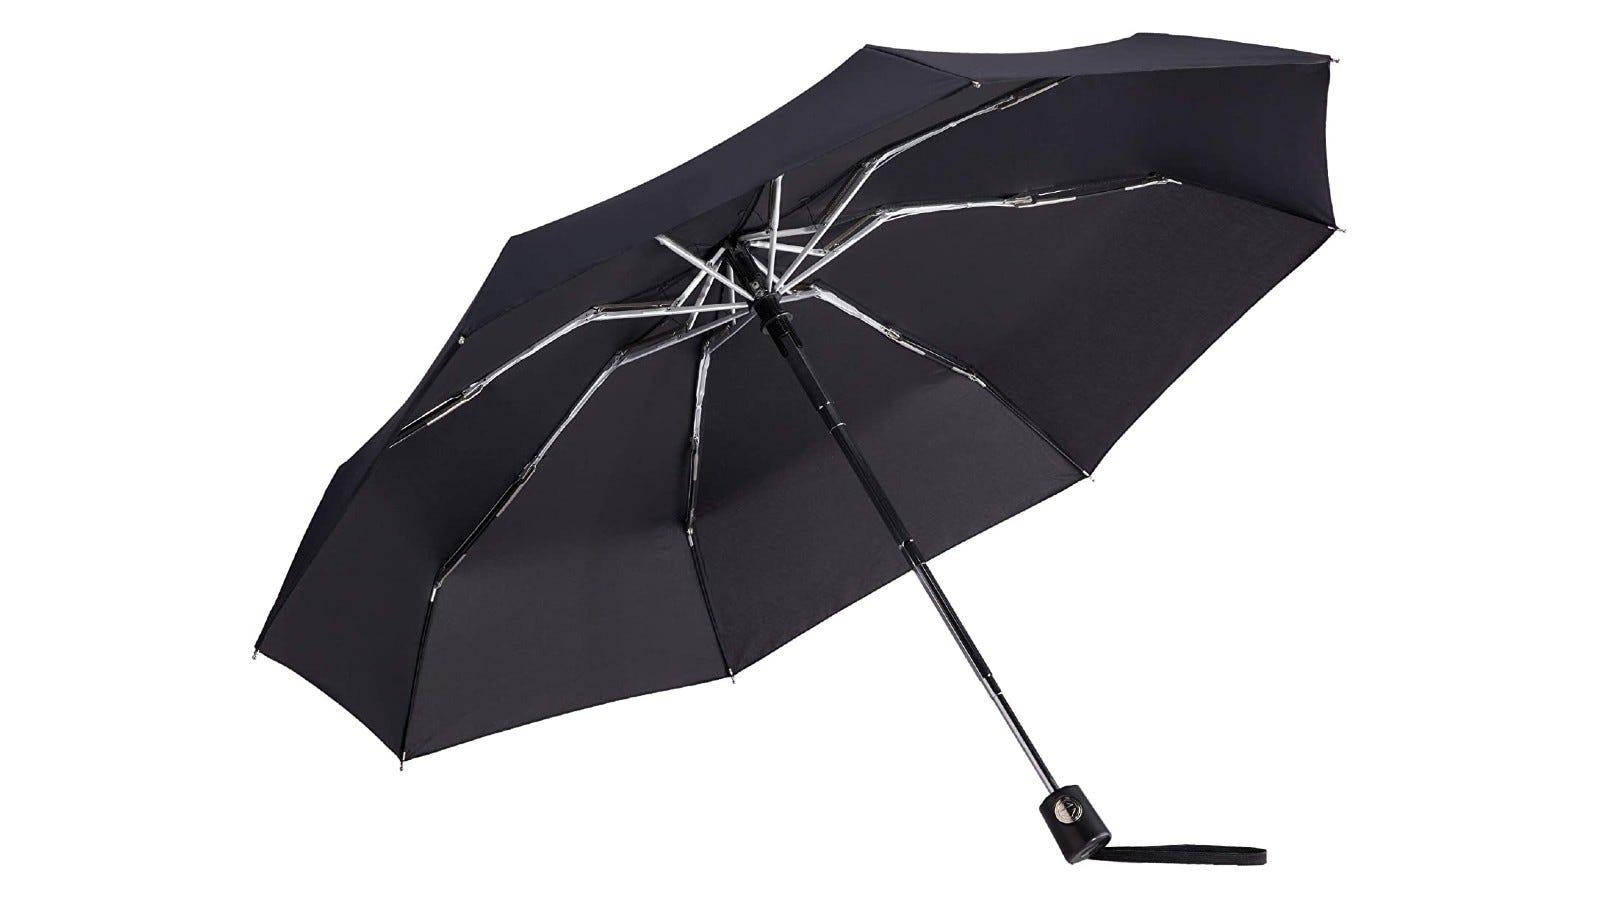 a black mini umbrella that's set up